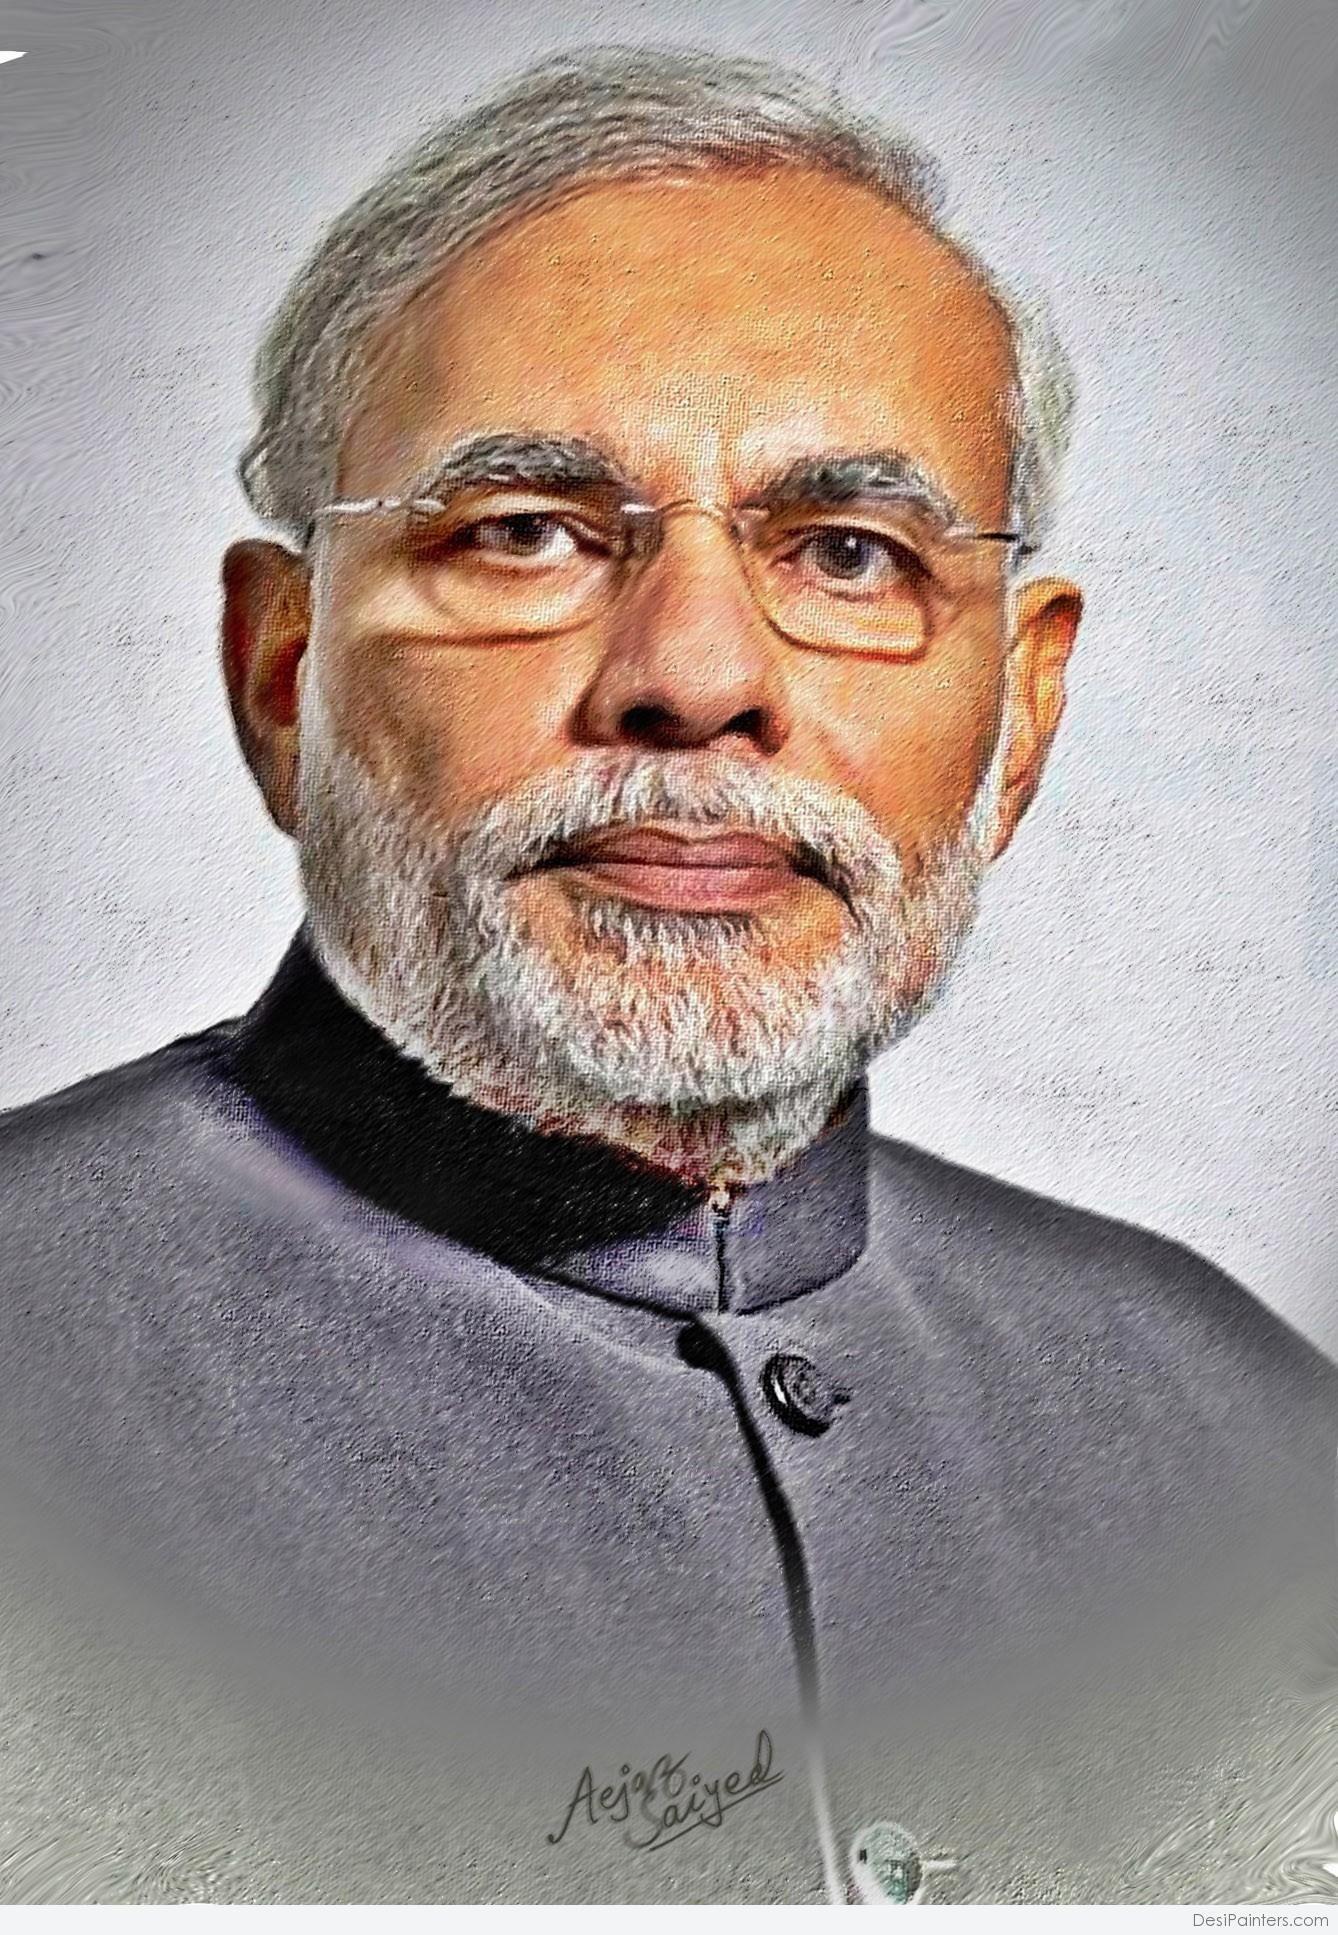 Digital Painting Of Honorable Pm Narendra Modi N D Modi